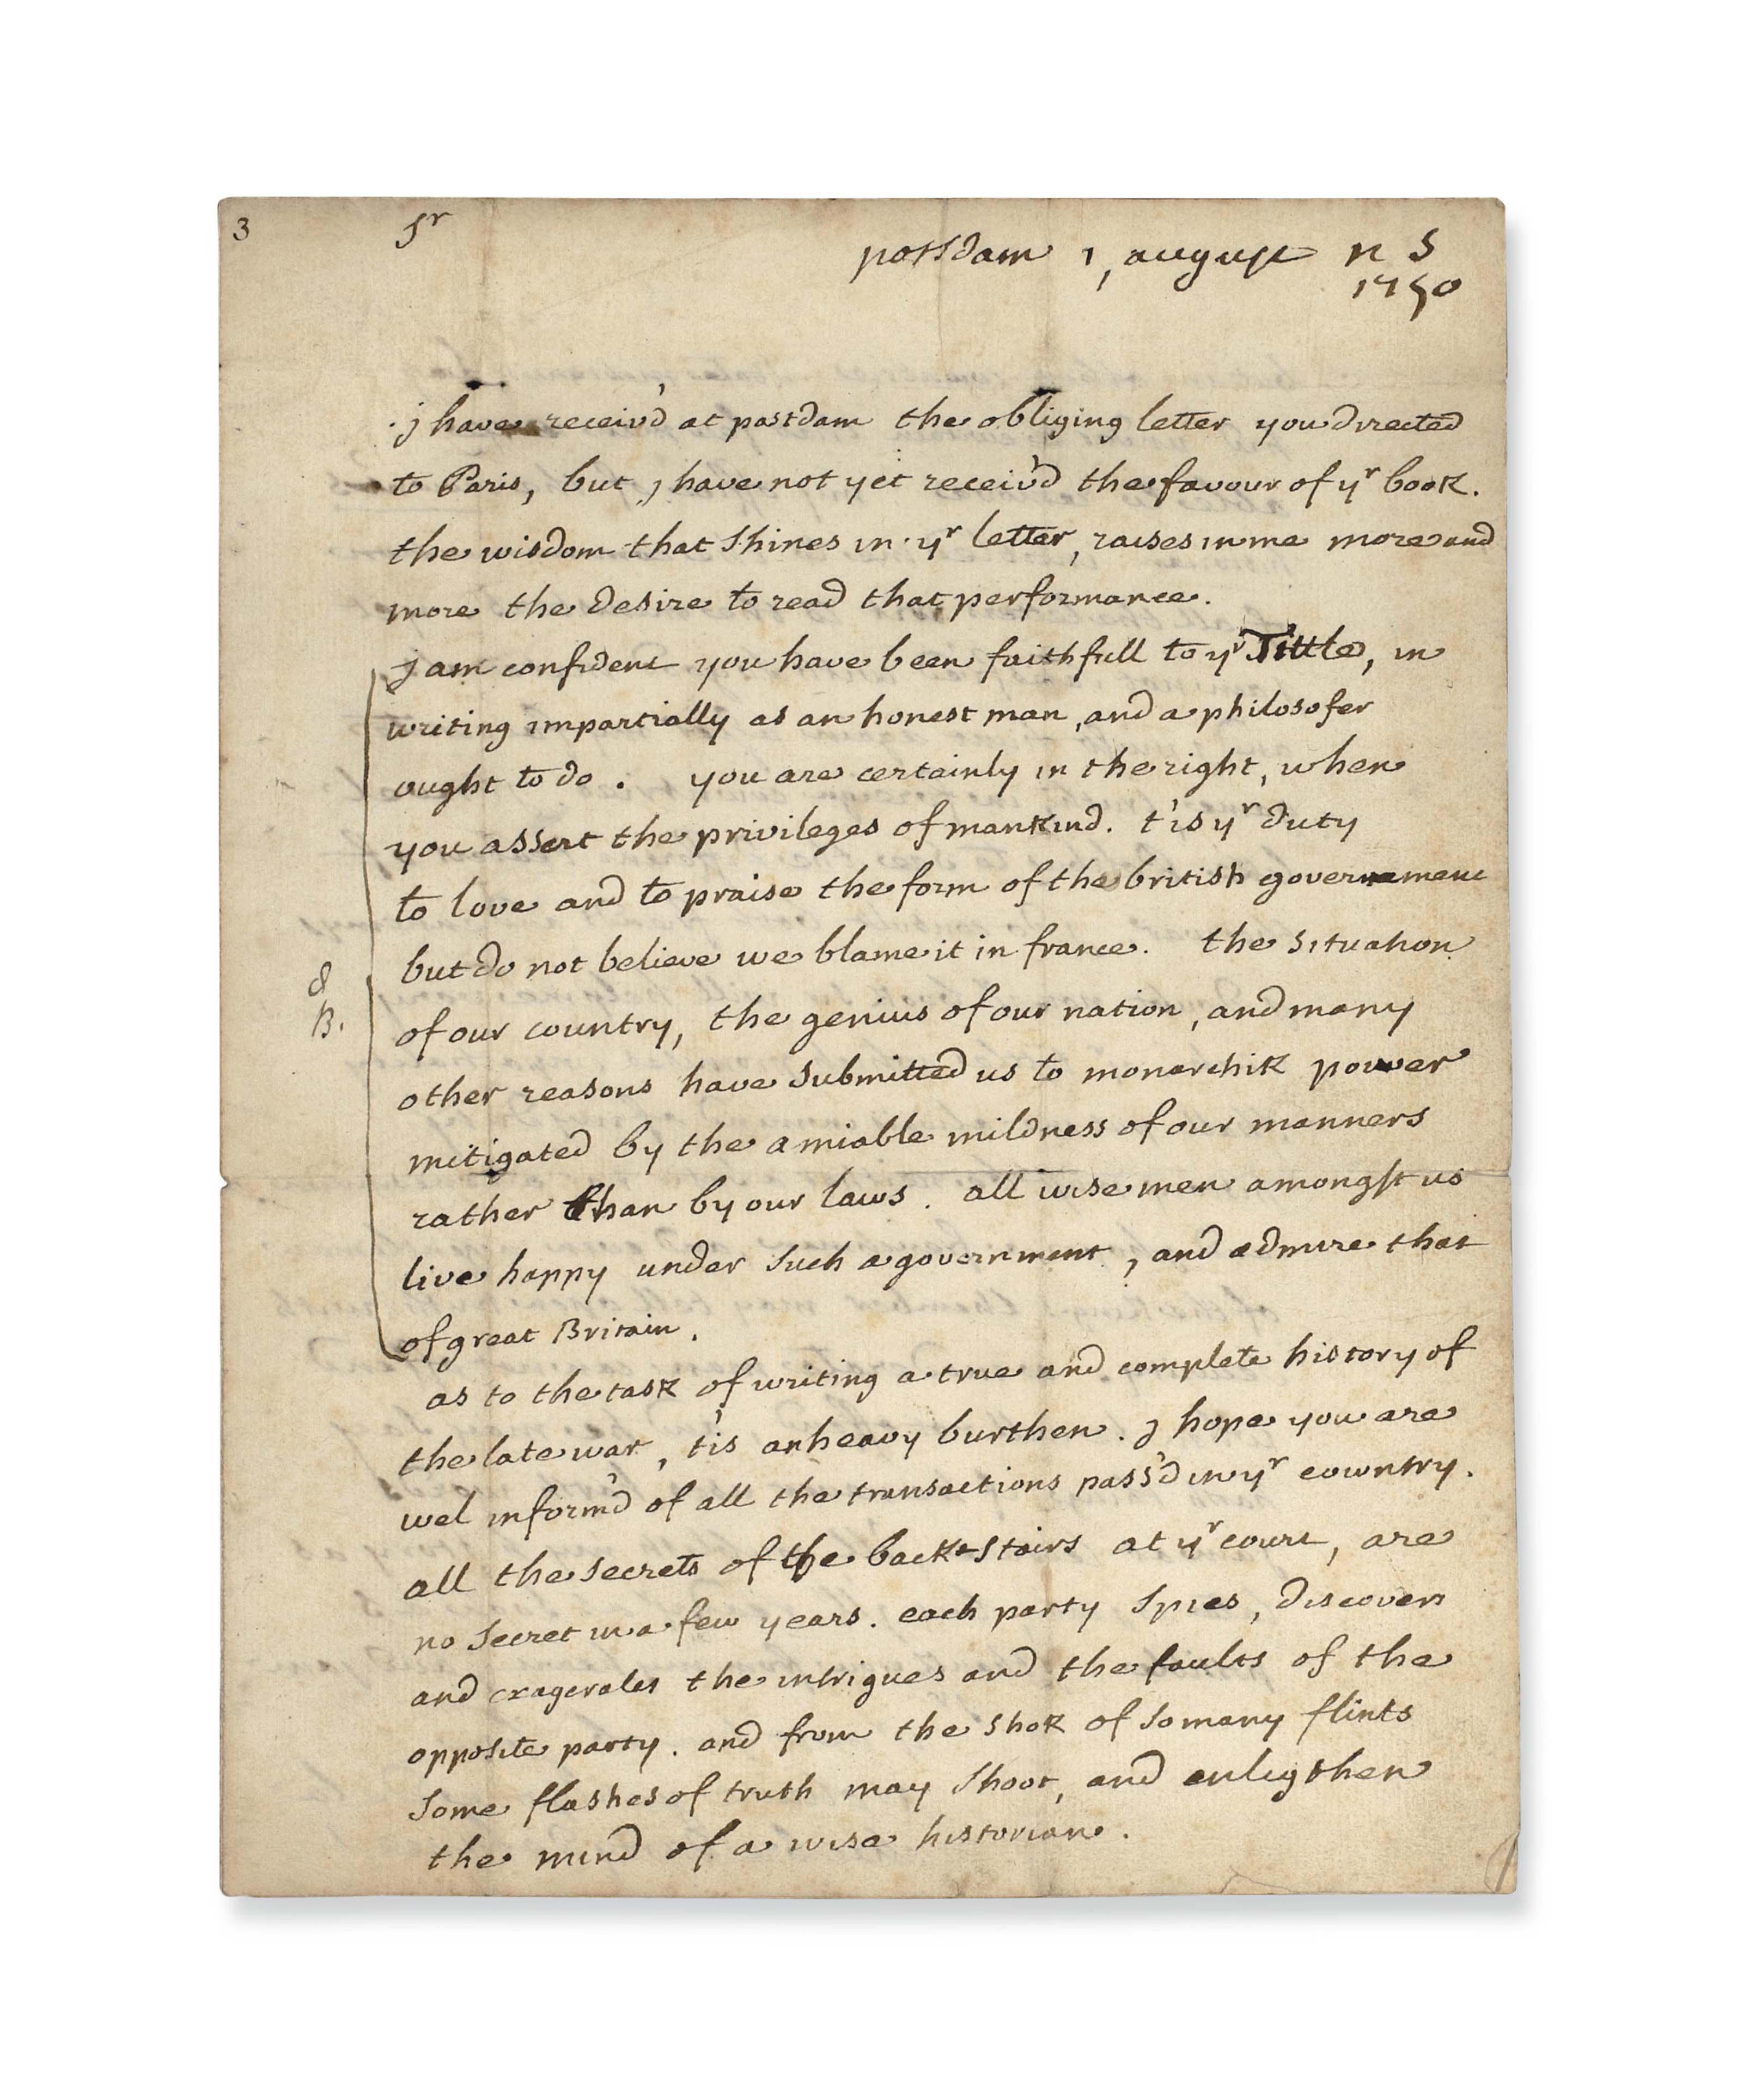 """VOLTAIRE, François-Marie Arouet dit (1694-1775). Lettre autographe signée """"Voltaire gentilhomme de la chambre du roy de france"""" à Richard Rolt (1724-1770), située et datée """"Postdam 1, august 1750"""". 2 page in-4 (sur un double feuillet (241 x 182 mm). Encre sur papier. Suscription: """"to Mr R. Rolt D  at mr Harborne  Portugal Street  Par la hollande  Londres"""". (Papier légèrement sali et jauni, cachet en partie brisé.) Provenance: vente Kendall Hazeldine (Sotheby's, Londres le 11 février 1914, lot n° 180) -- Ancienne collection Tronc-Jeanson."""